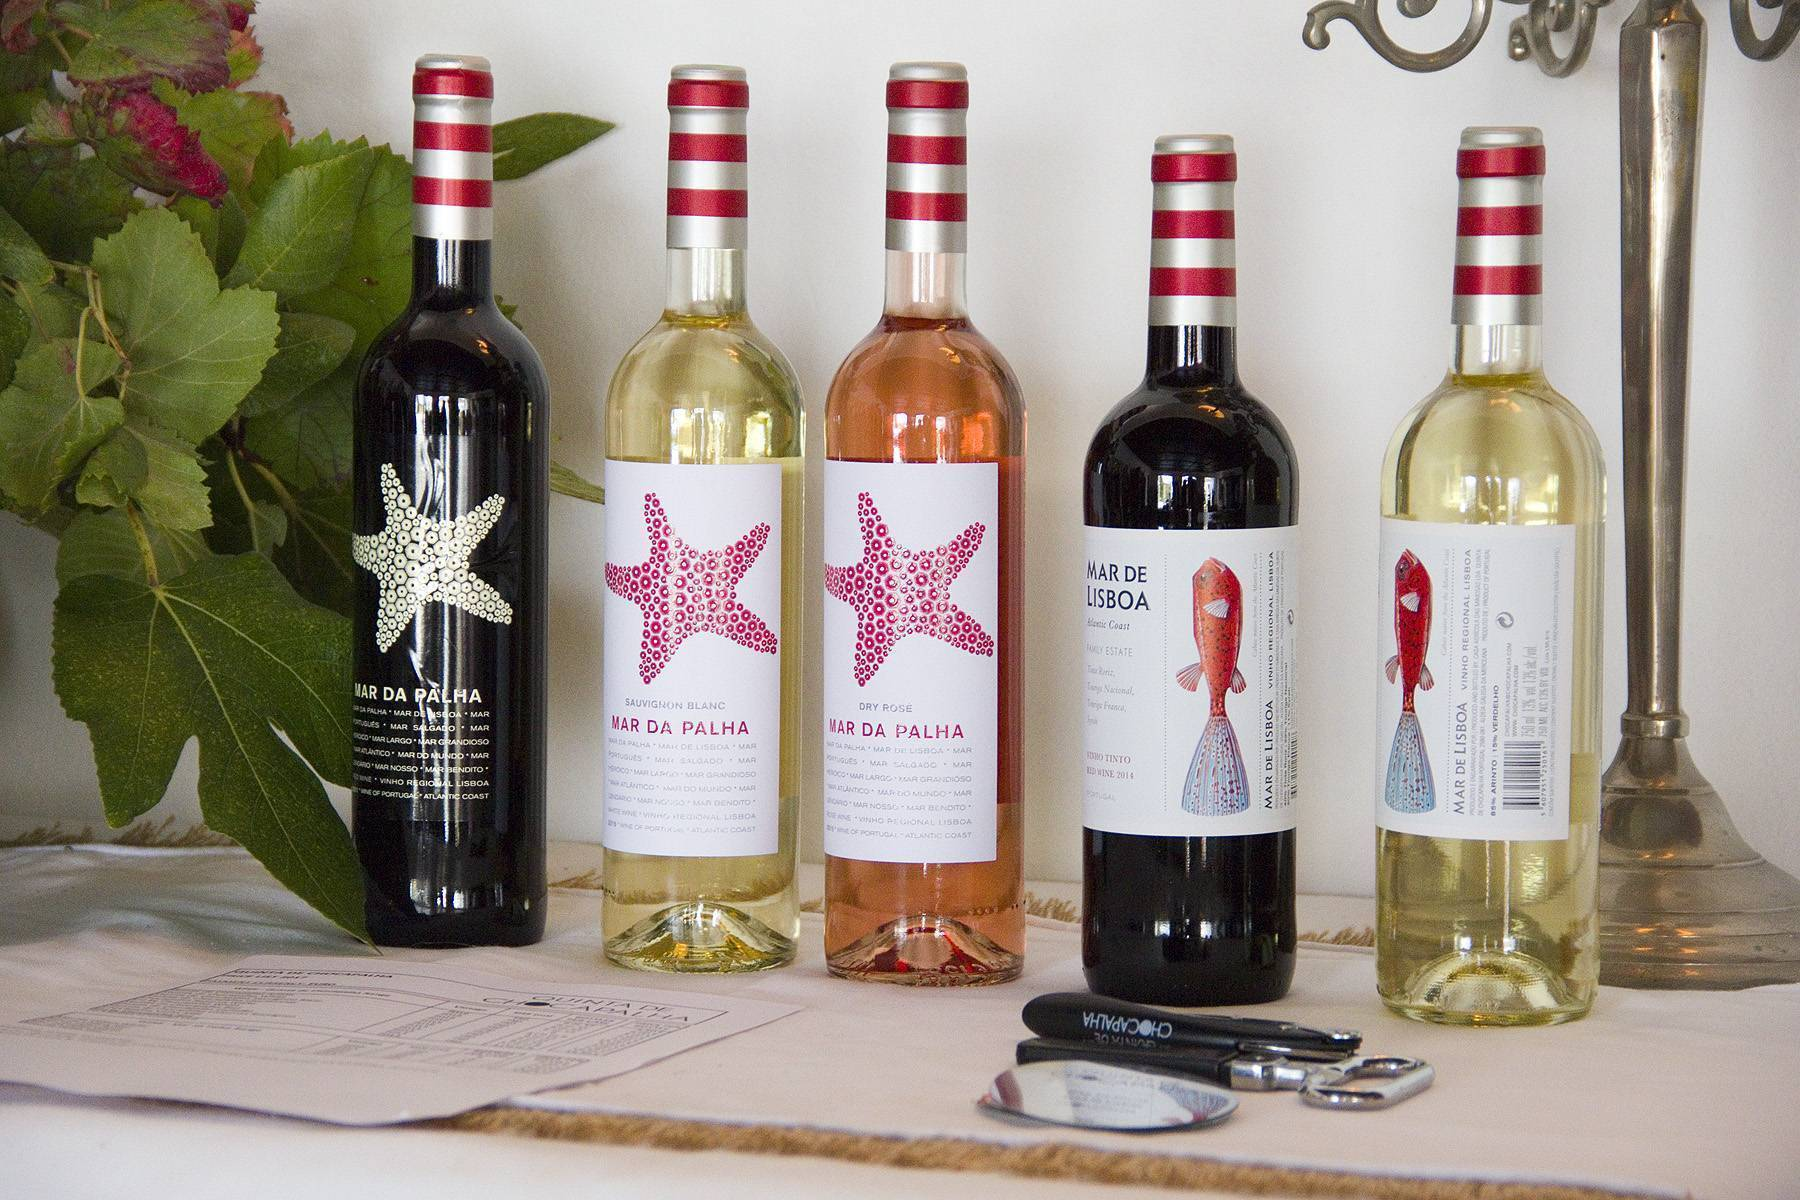 Изготовление плодово-ягодных вин [1991 дружинин в.в., константинов е.б. - виноделие на дому]